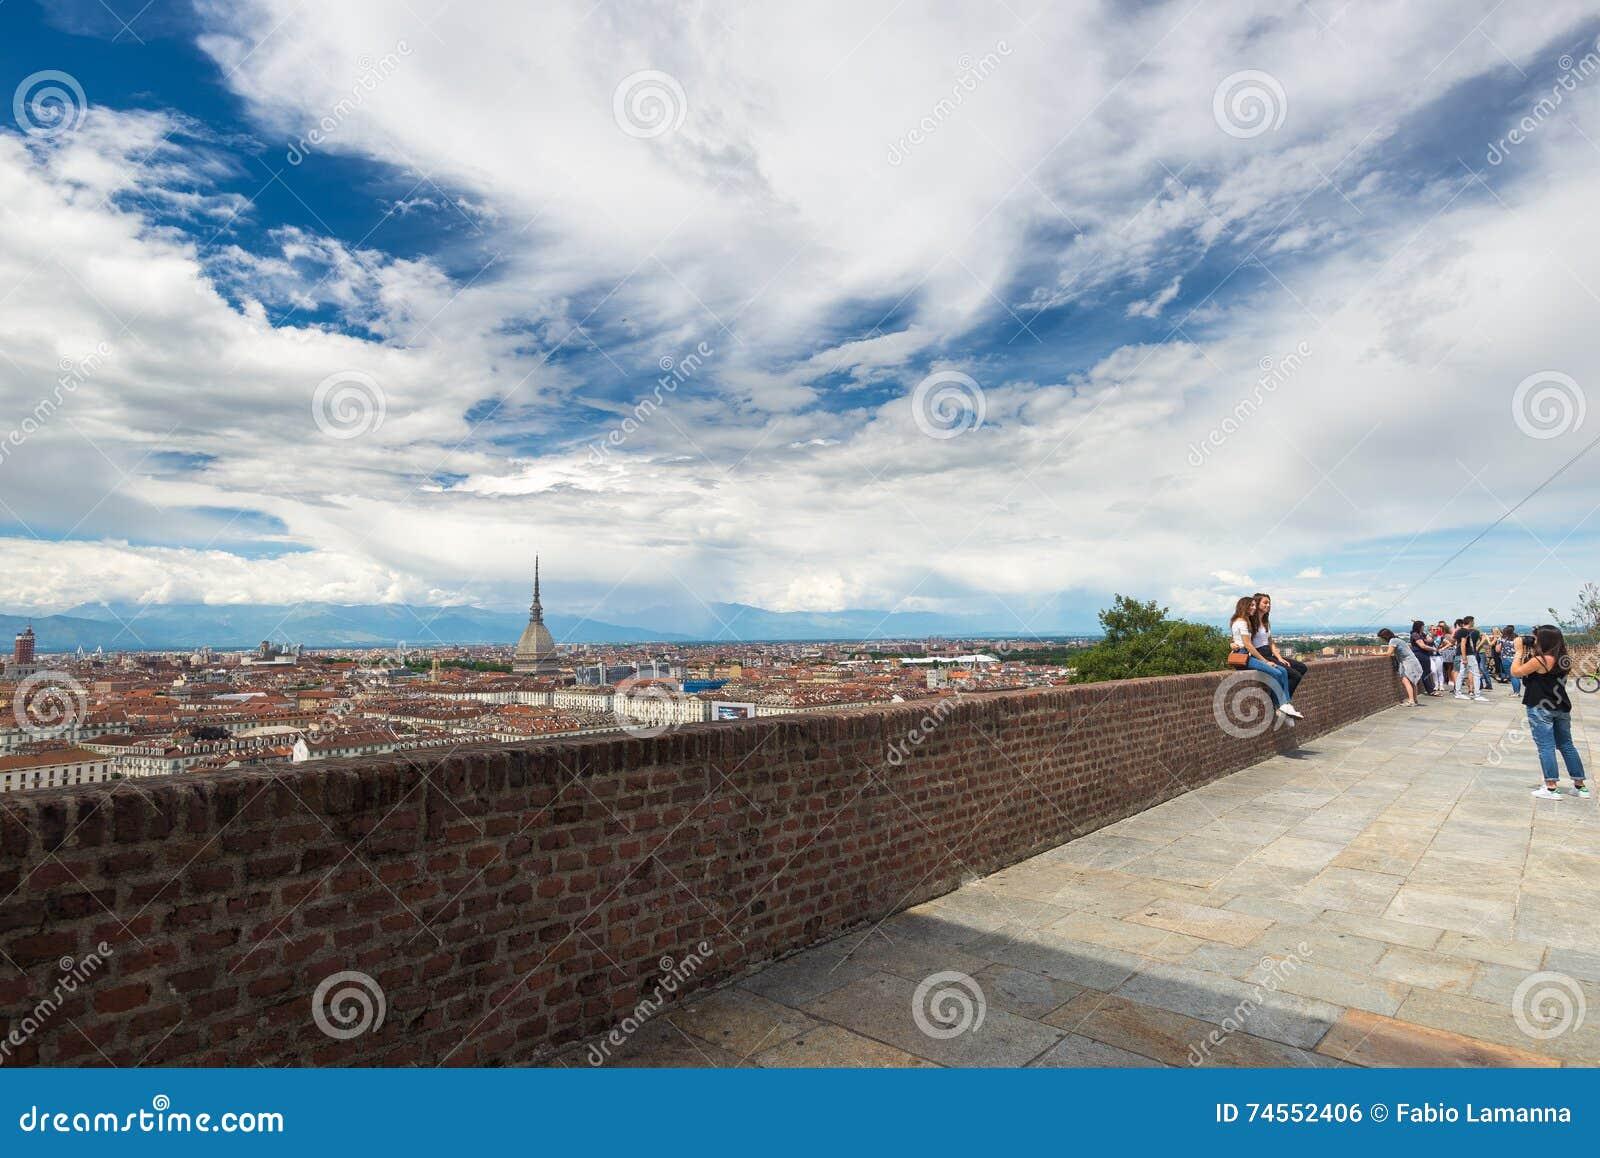 Touristes au point de vue au centre historique de Torino (Turin, Italie) Paysage urbain avec la fourmi de taupe